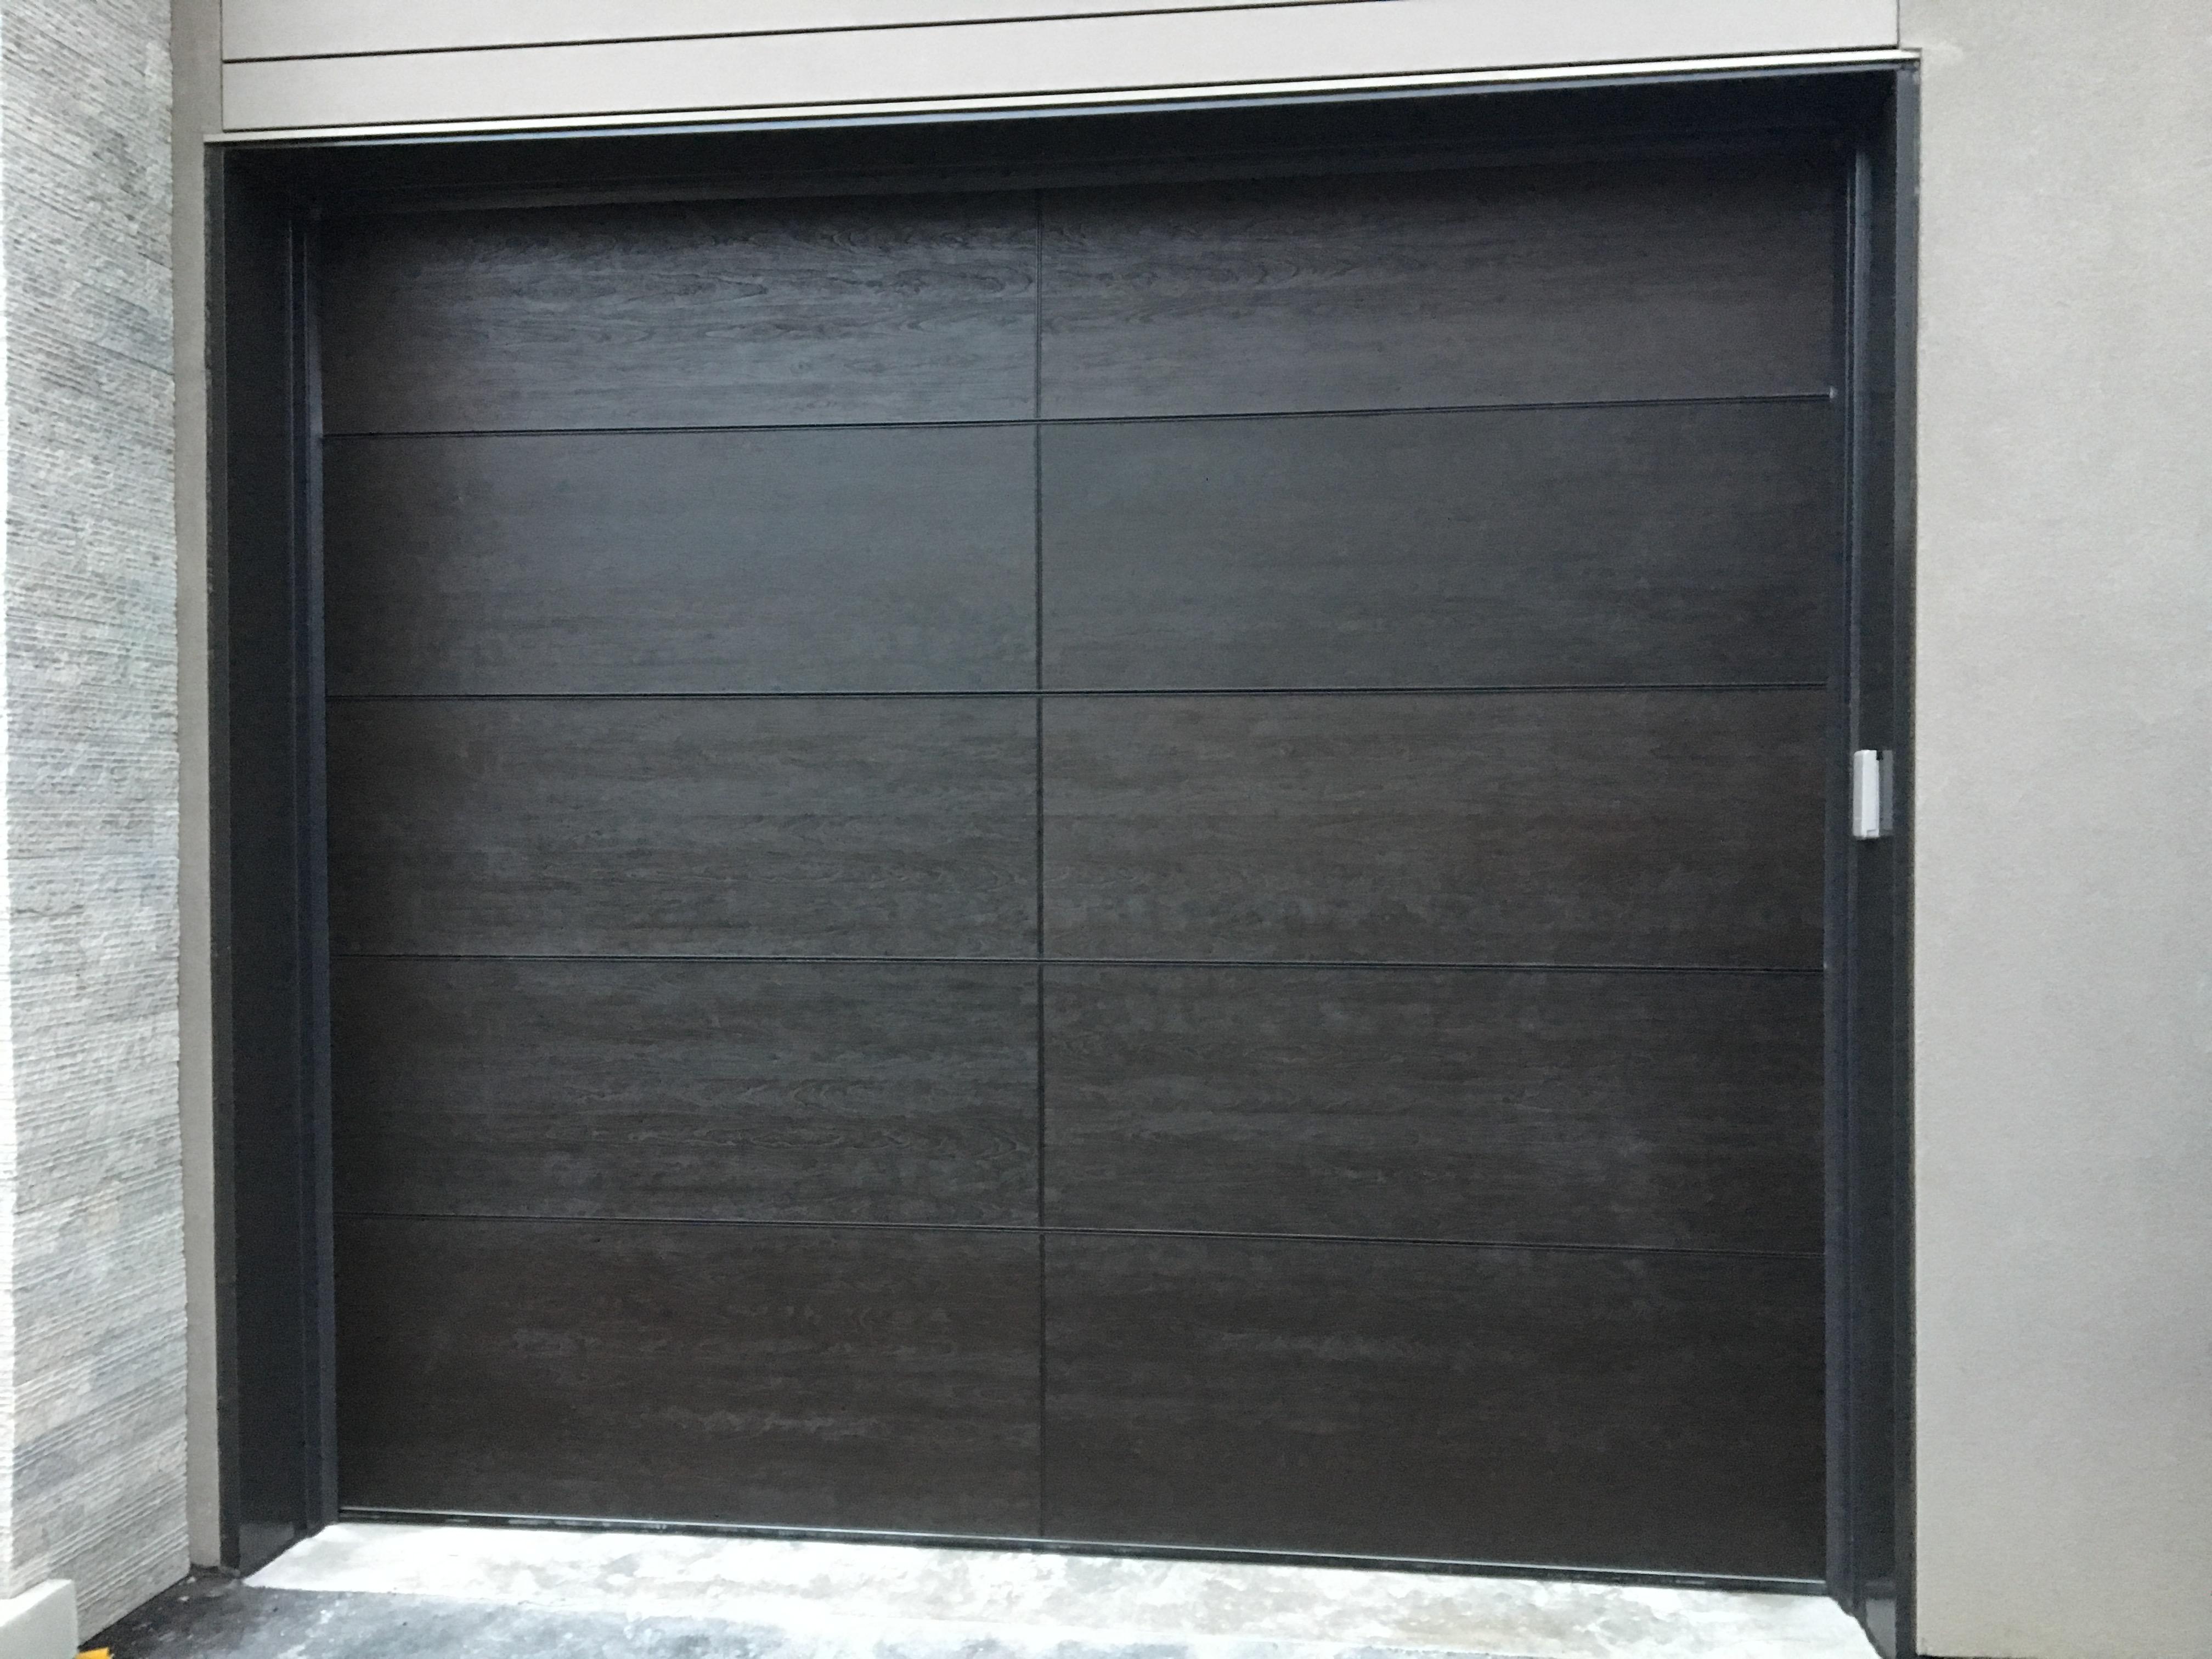 Modern Fibreglass Exterior Garage Door & Modern Fibreglass Exterior Garage Door - Modern Doors